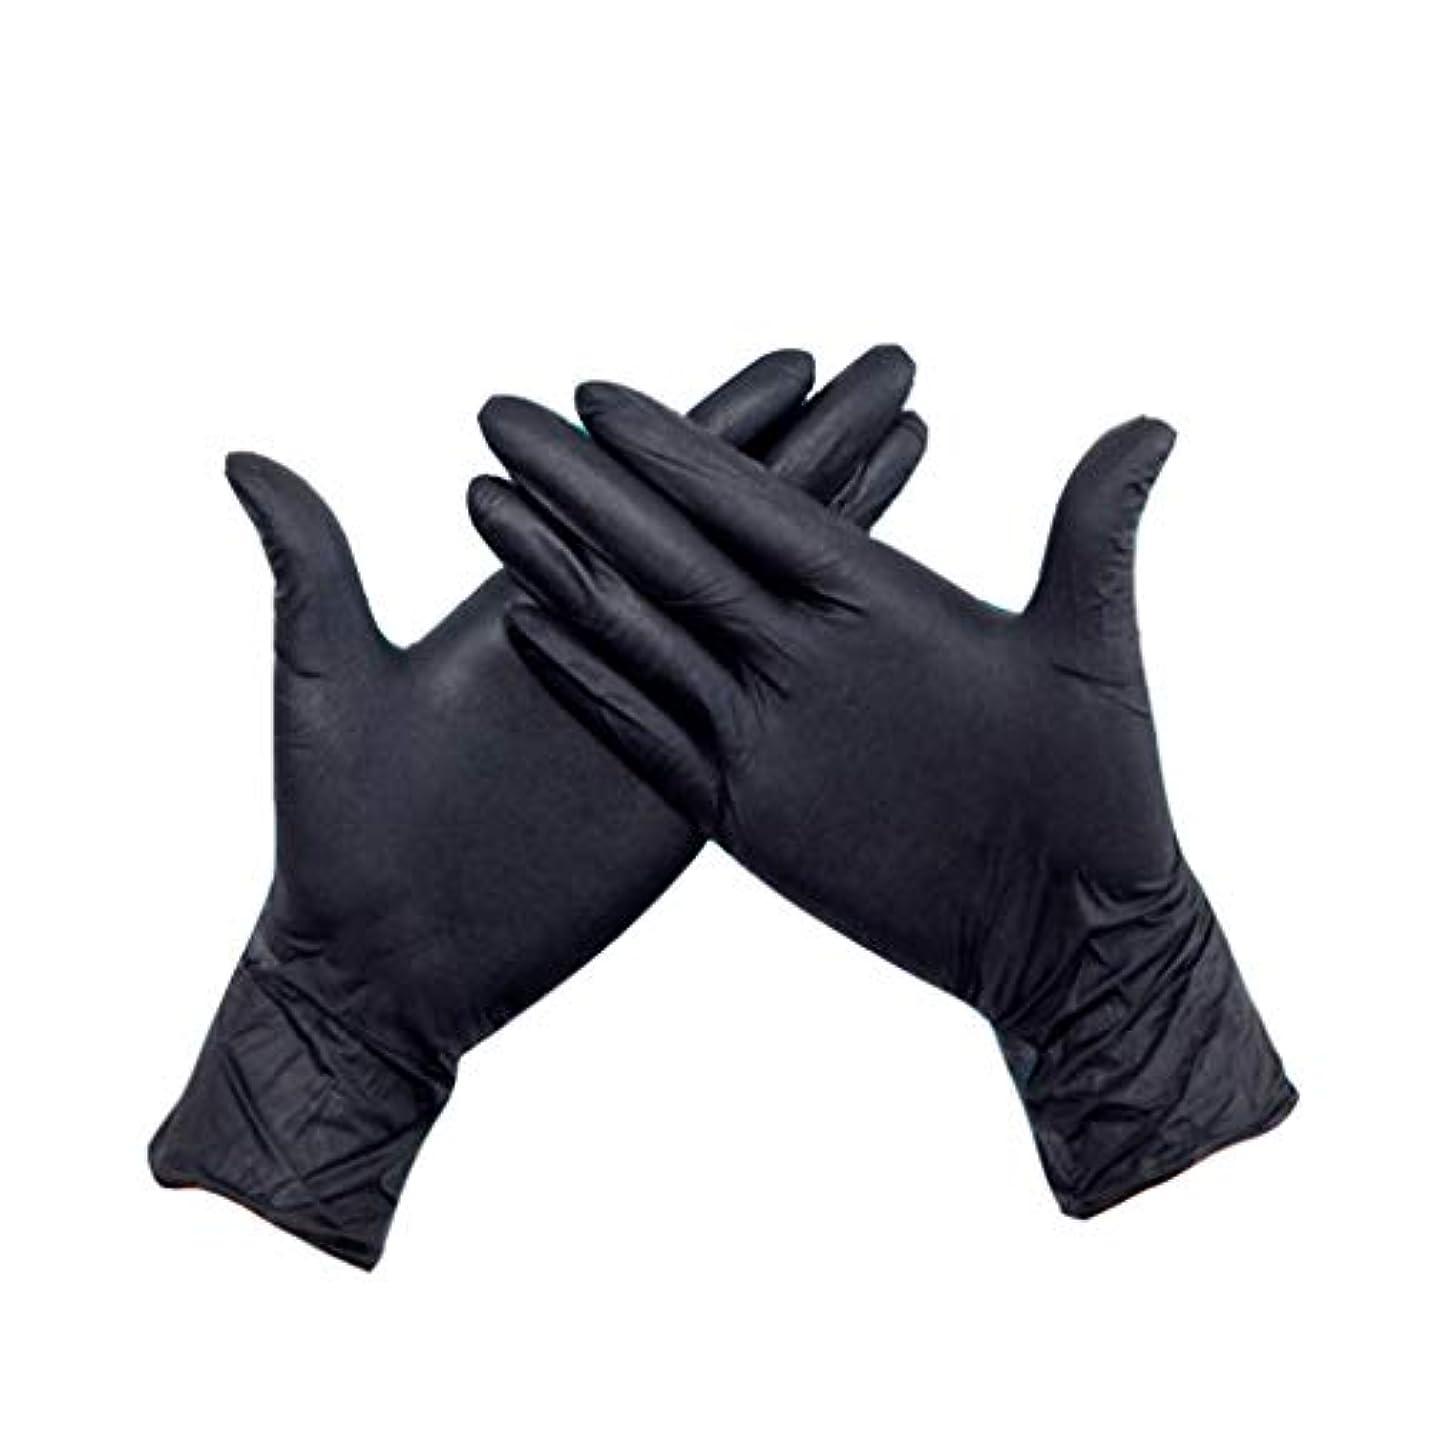 称賛影響力のある動物園手袋黒丁qing使い捨て手袋耐摩耗性耐酸アルカリ美しさとヘアケア手袋の厚い丁ding清グローブ200 (UnitCount : 300 only)